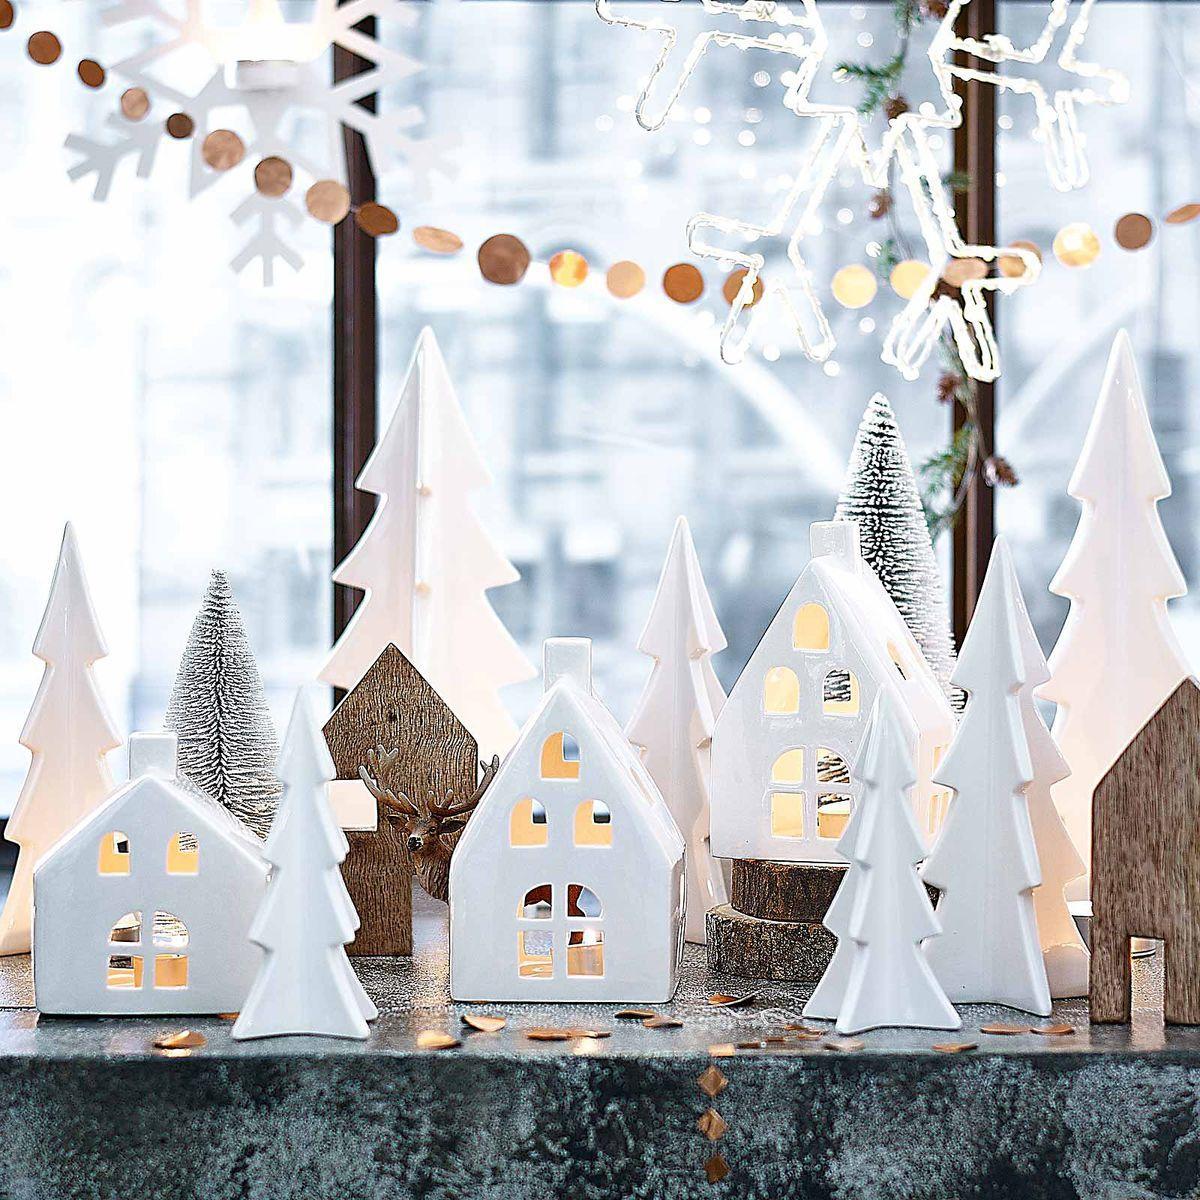 Depot weihnachtsdeko baum